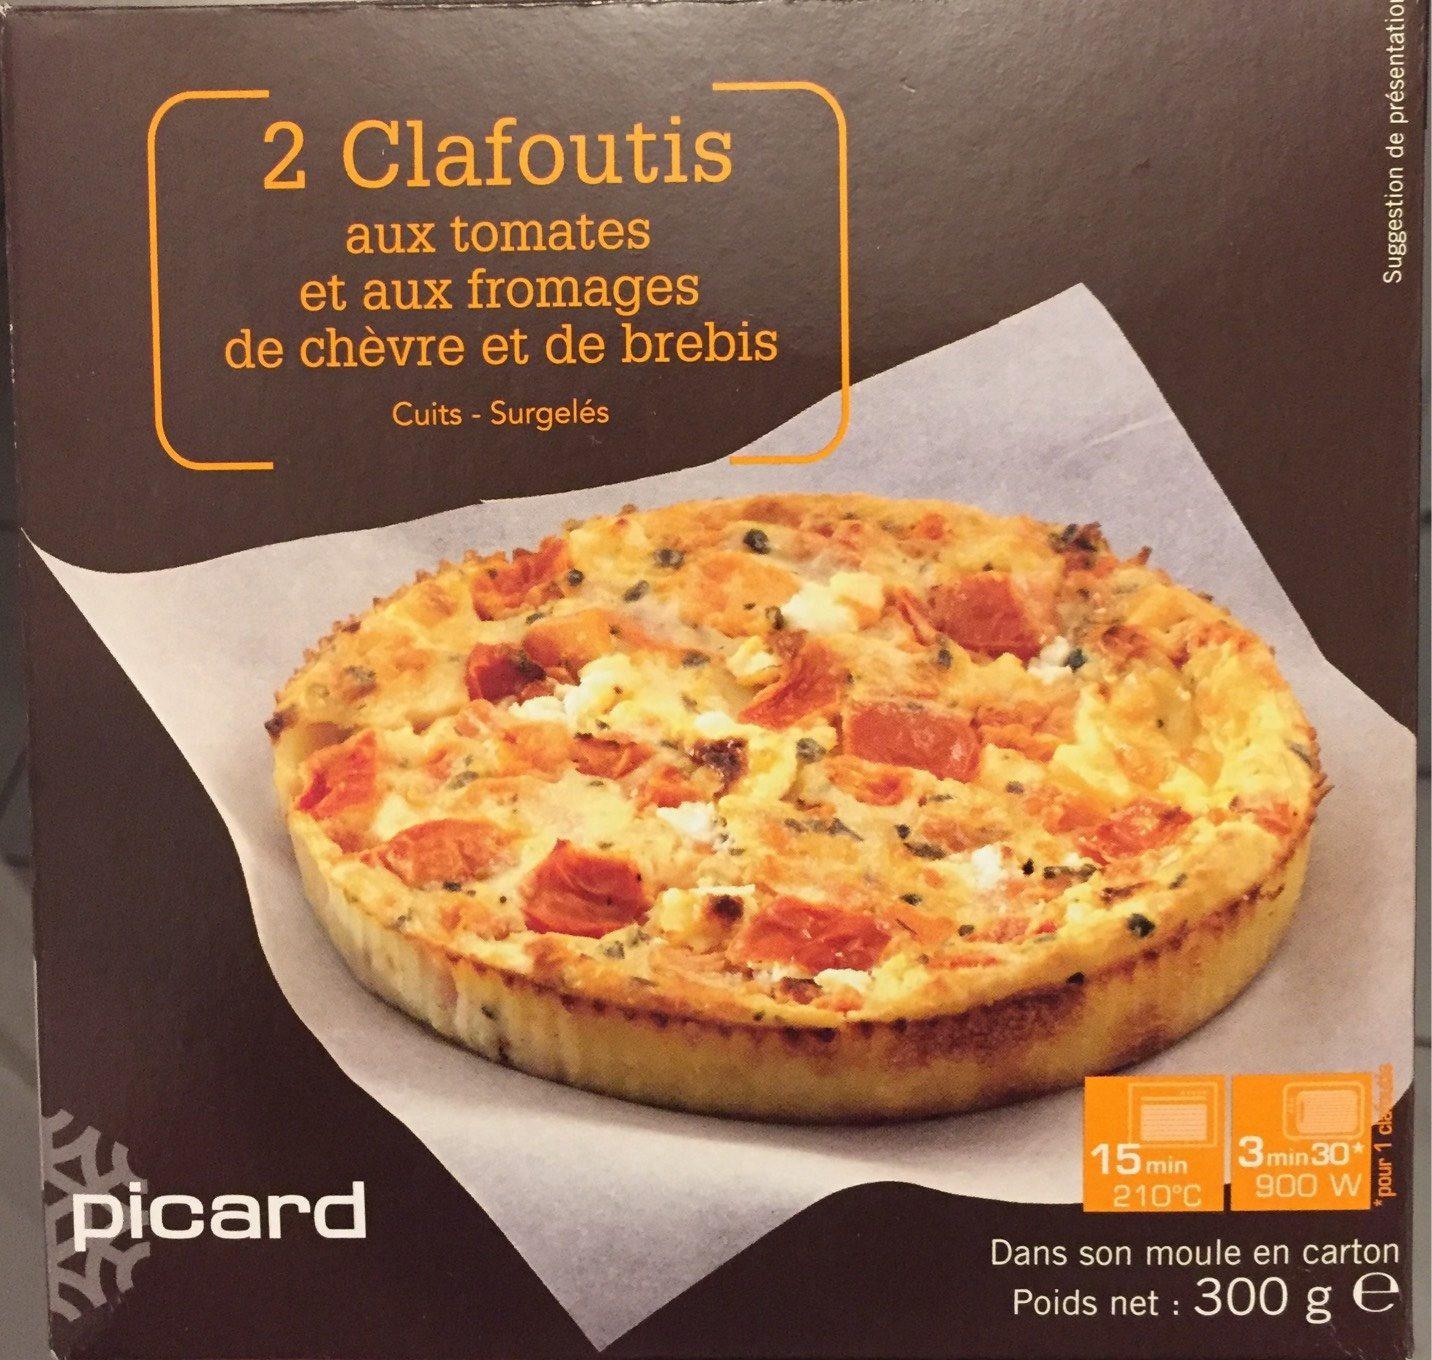 2 Clafoutis aux Tomates et aux Fromages de Chèvre et de Brebis - Produit - fr